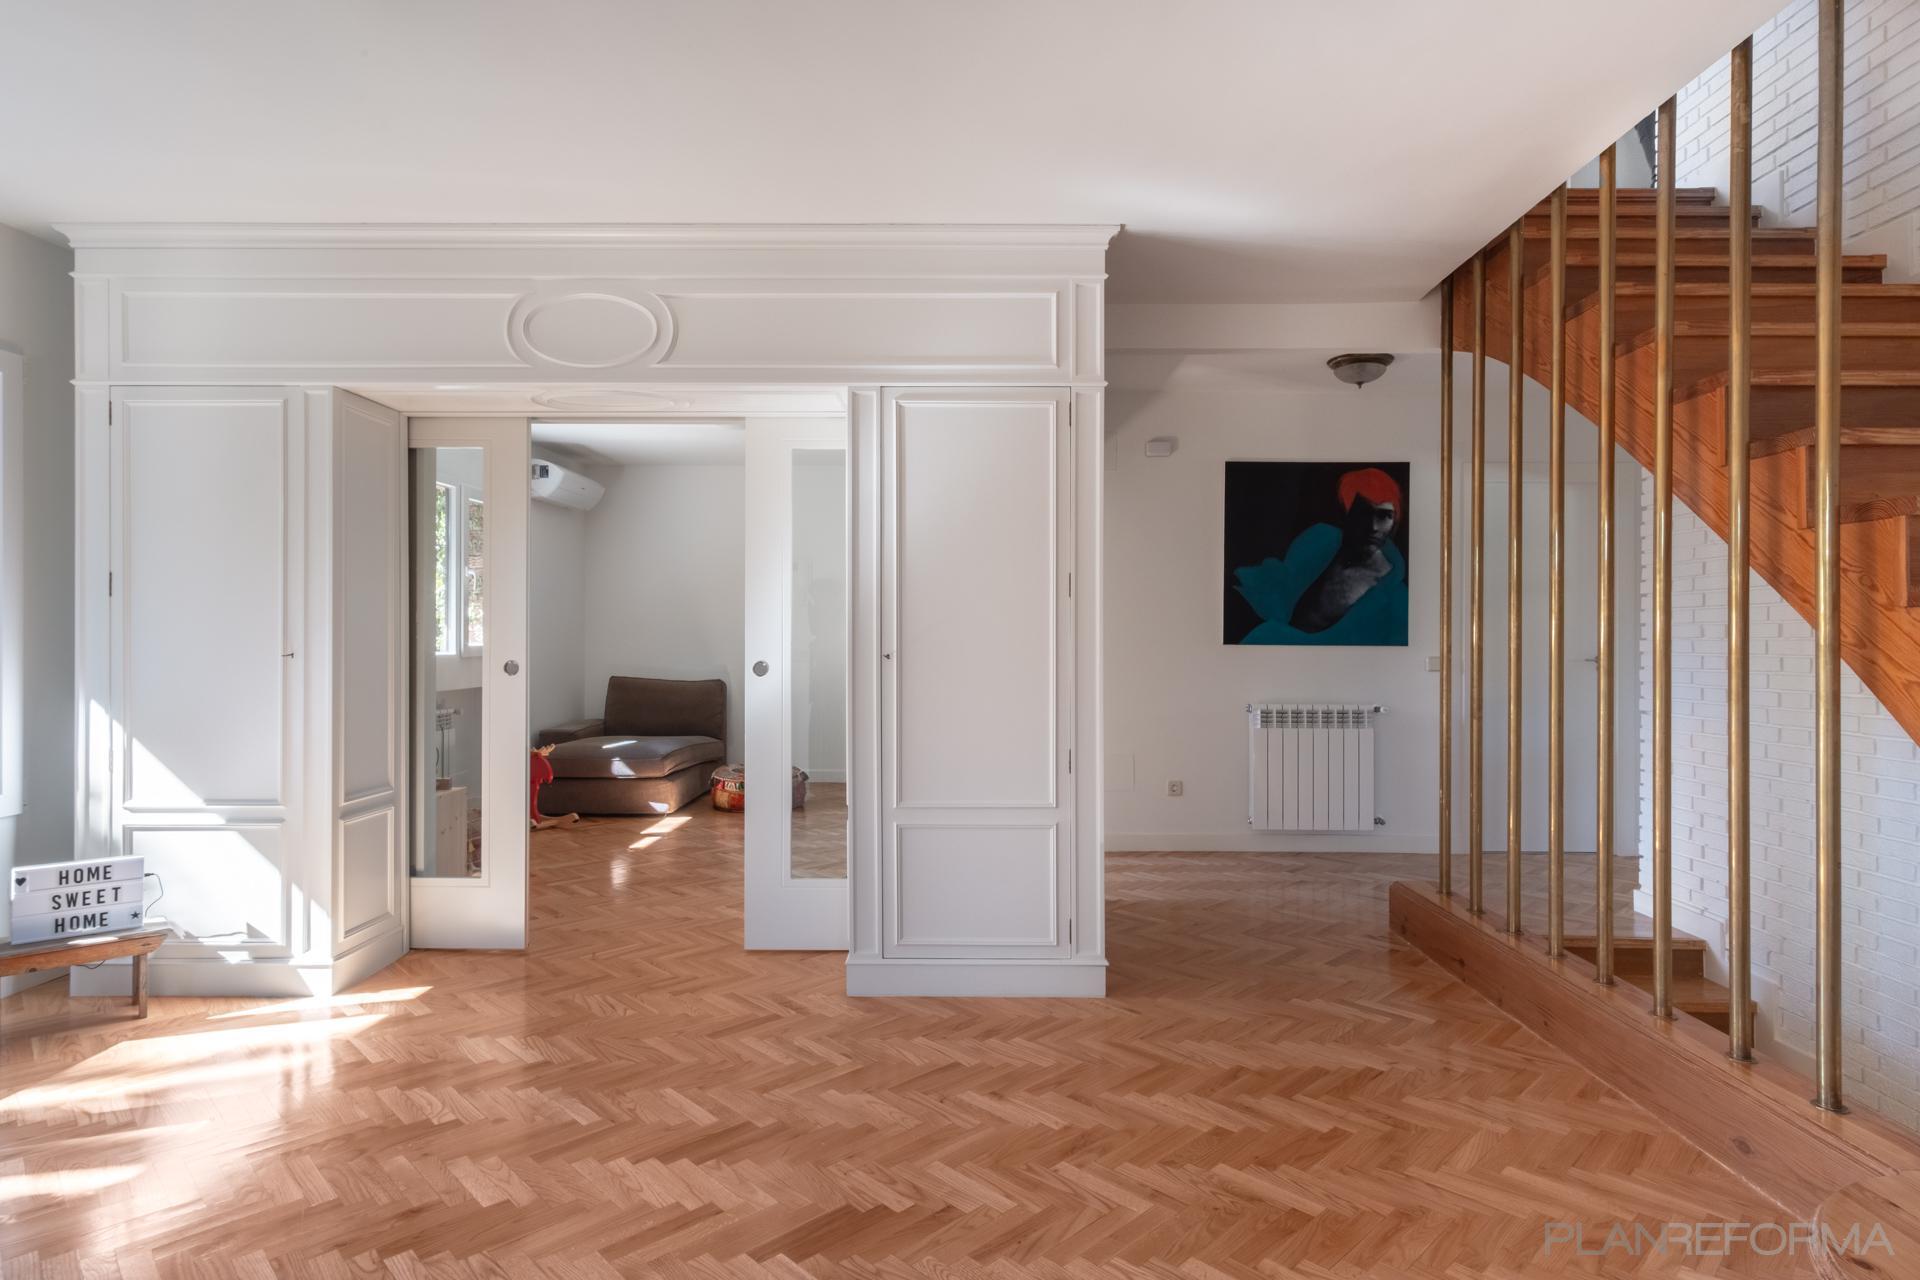 Vestibulo Estilo vintage Color marron, blanco, bronce  diseñado por Arquigestiona | Arquitecto Técnico | Copyright Arquigestiona